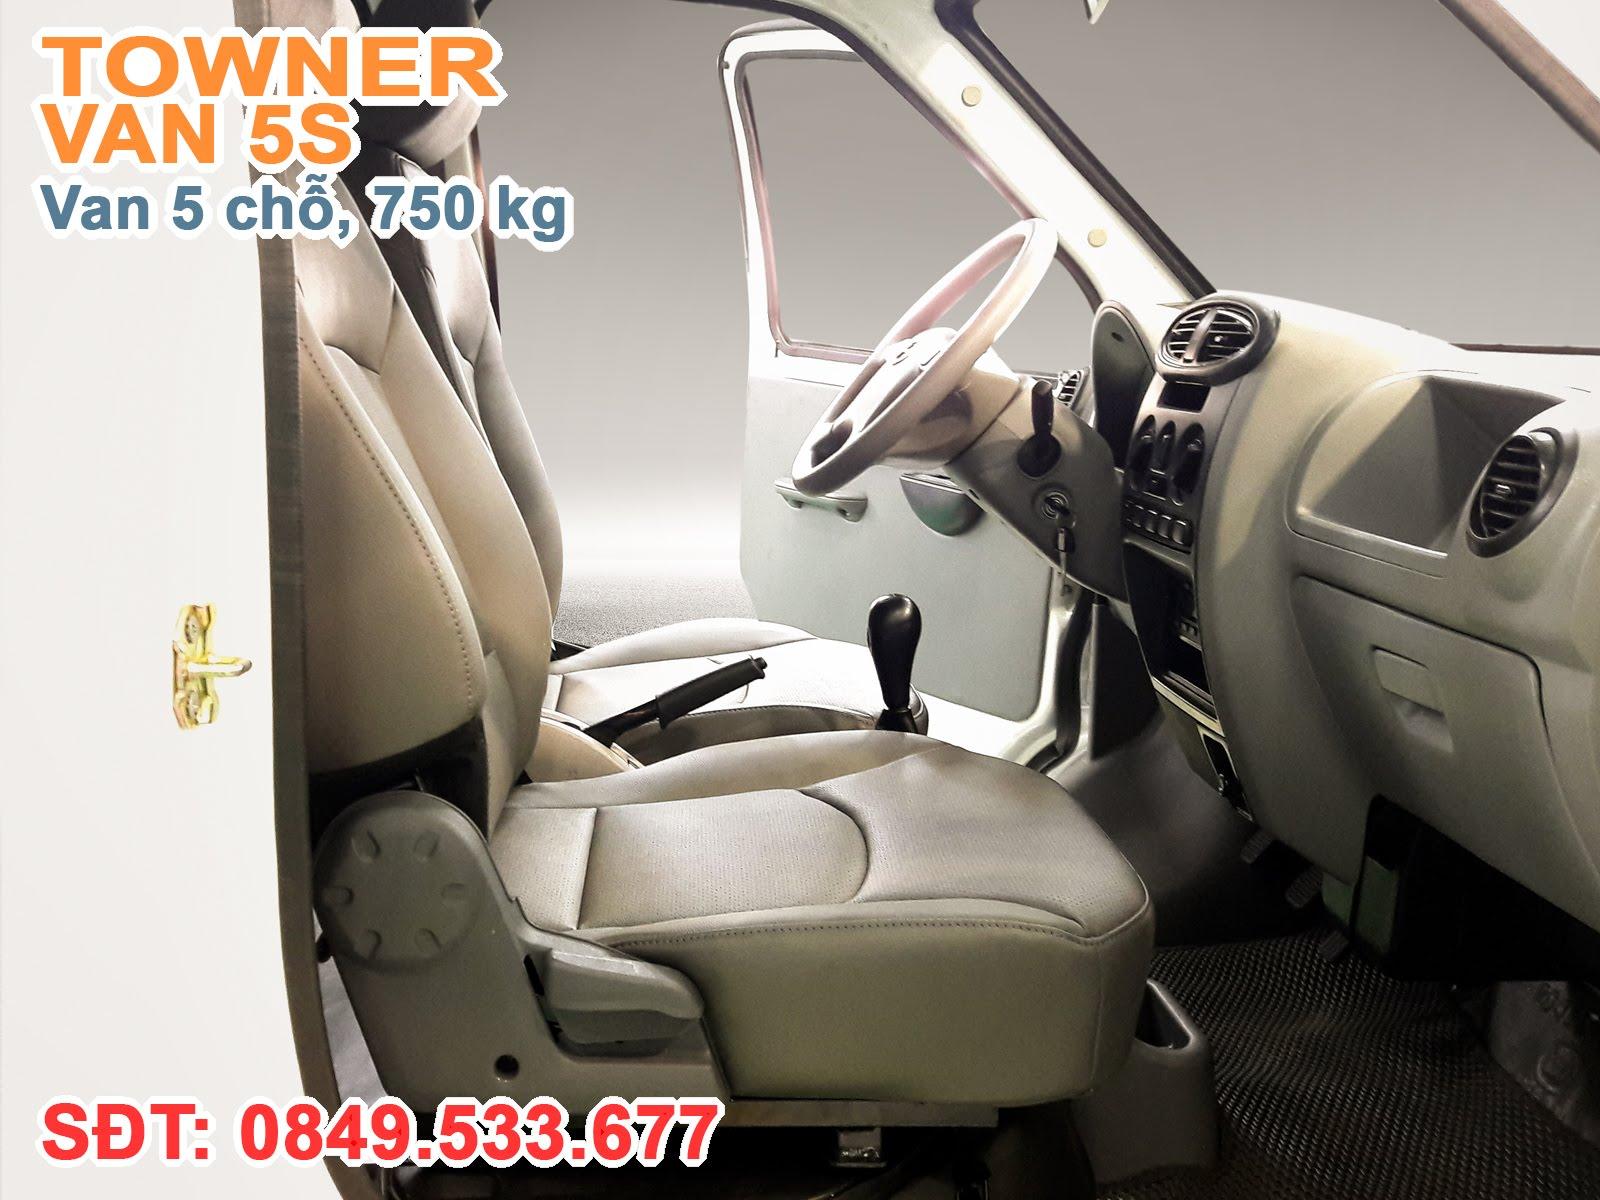 Xe Thaco Towner Van 5S, Nội thất thiết kế thẩm mỹ và tiện nghi gồm Máy lạnh tiêu chuẩn, Radio-USB, Kinh cửa chỉnh điện